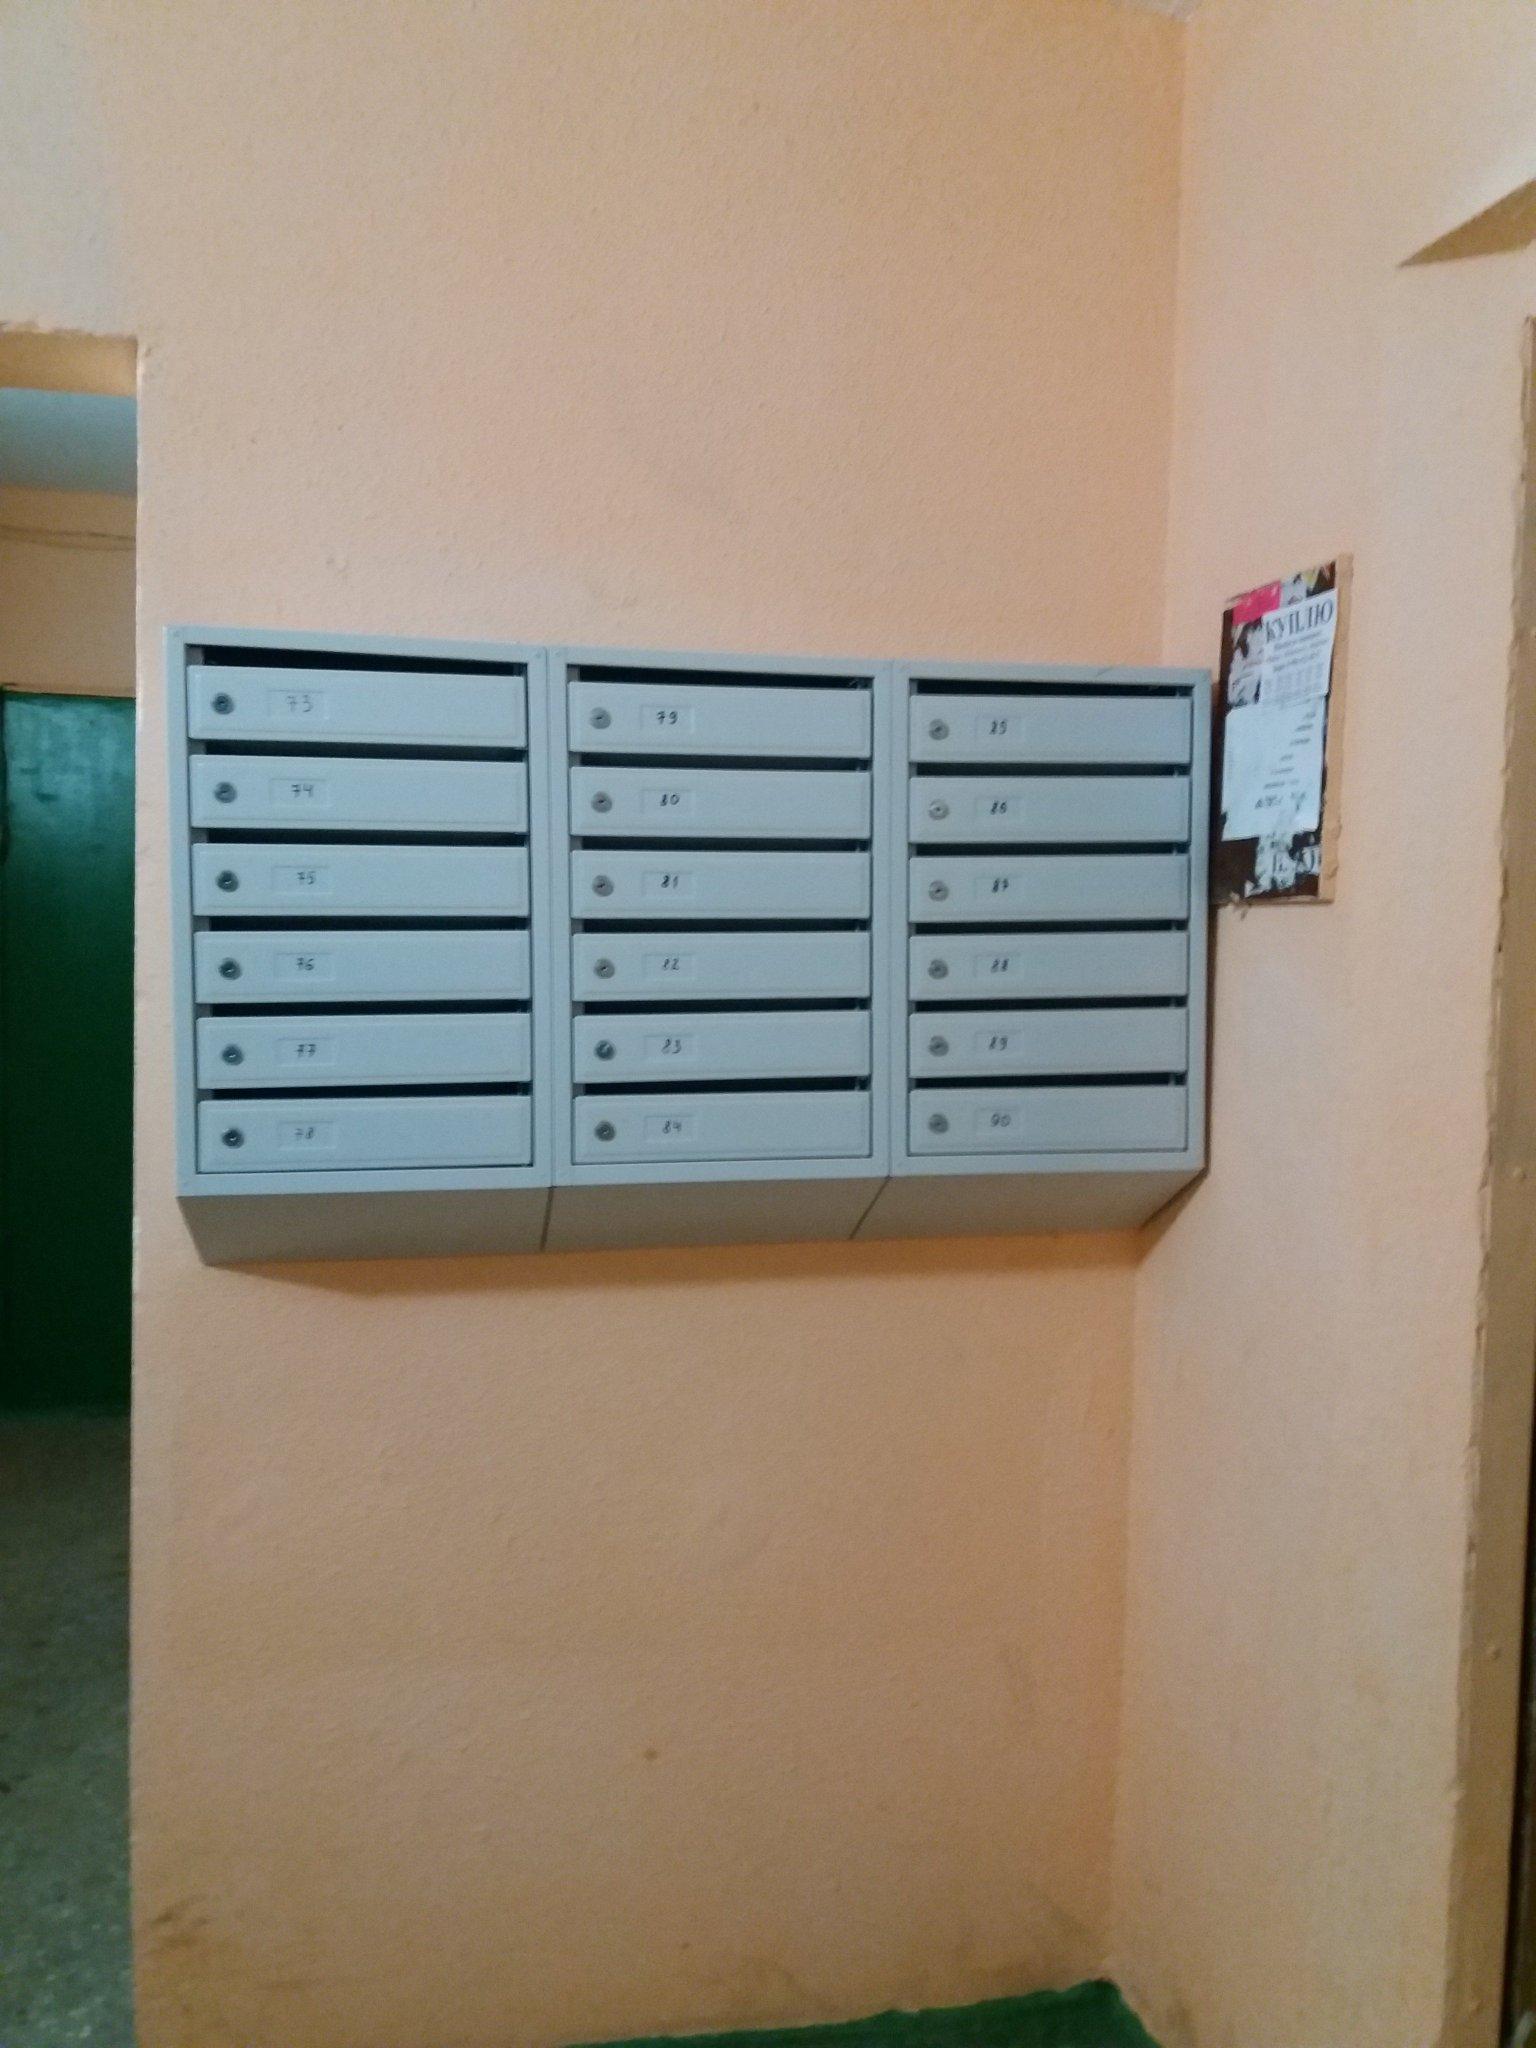 караоке версия почтовый ящик в подъезде картинки много общаемся